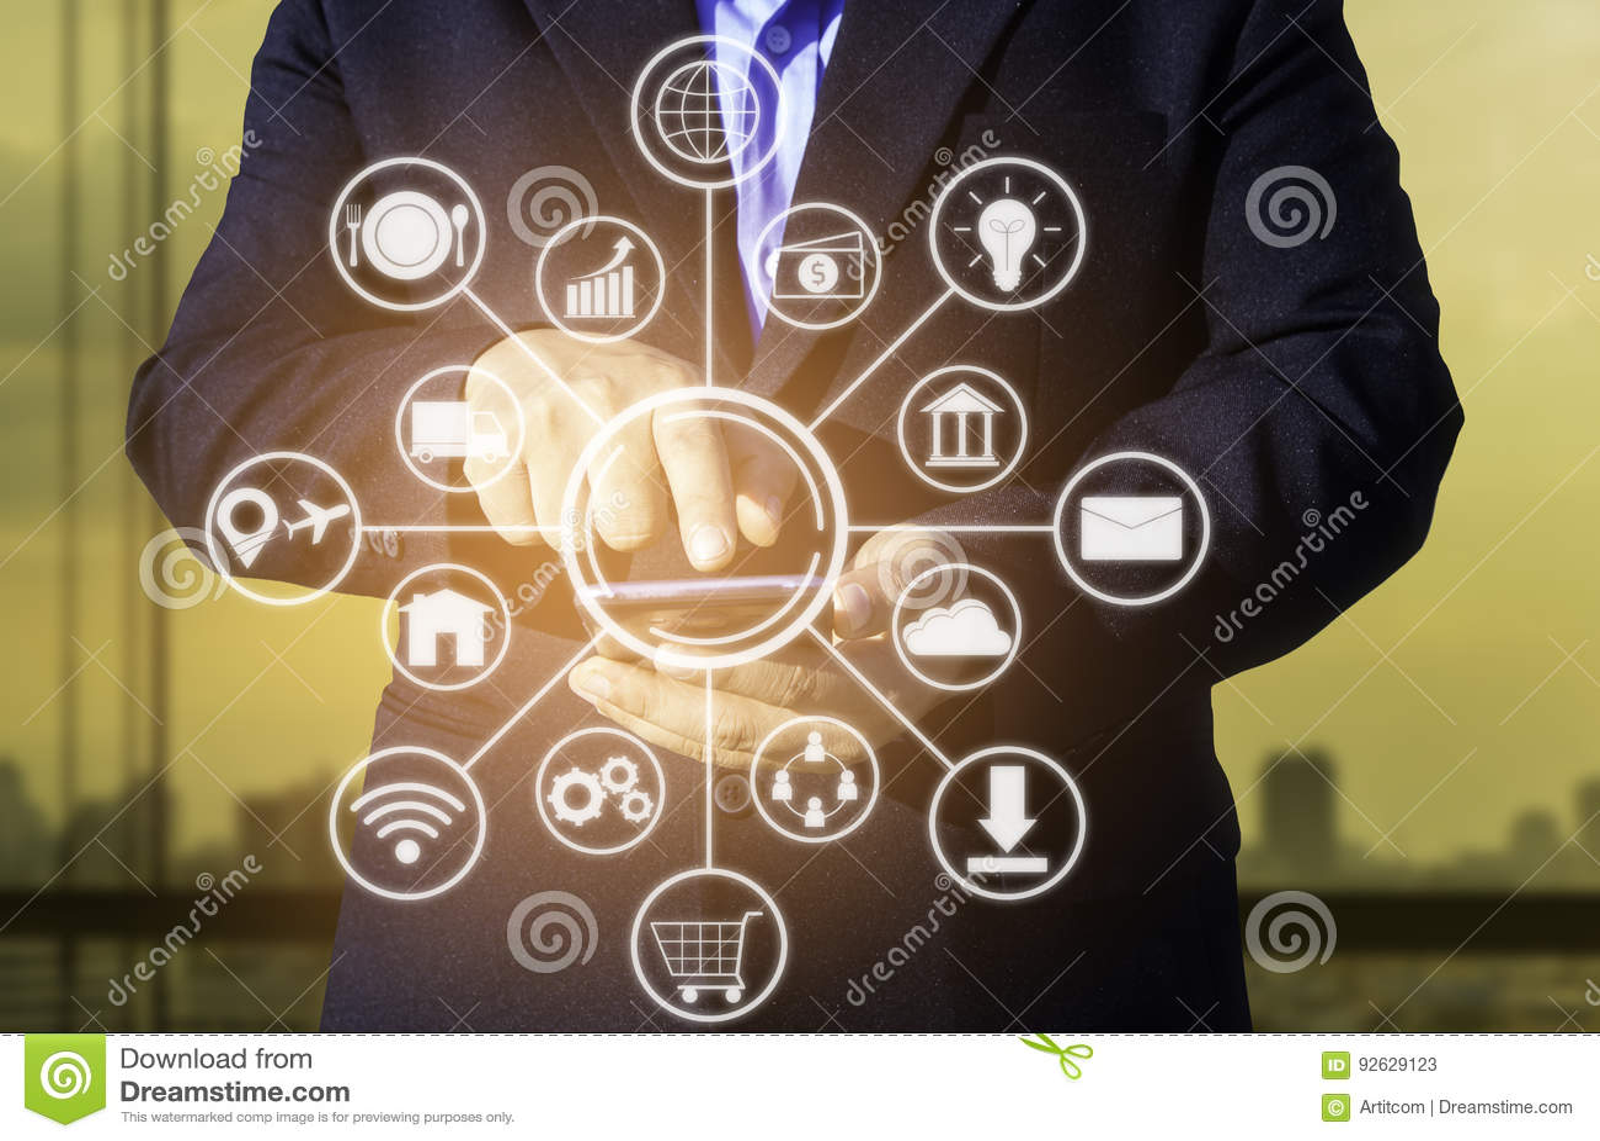 έννοια επιχειρησιακής τεχνολογίας, έξυπνο pho χρήσης χεριών επιχειρηματιών